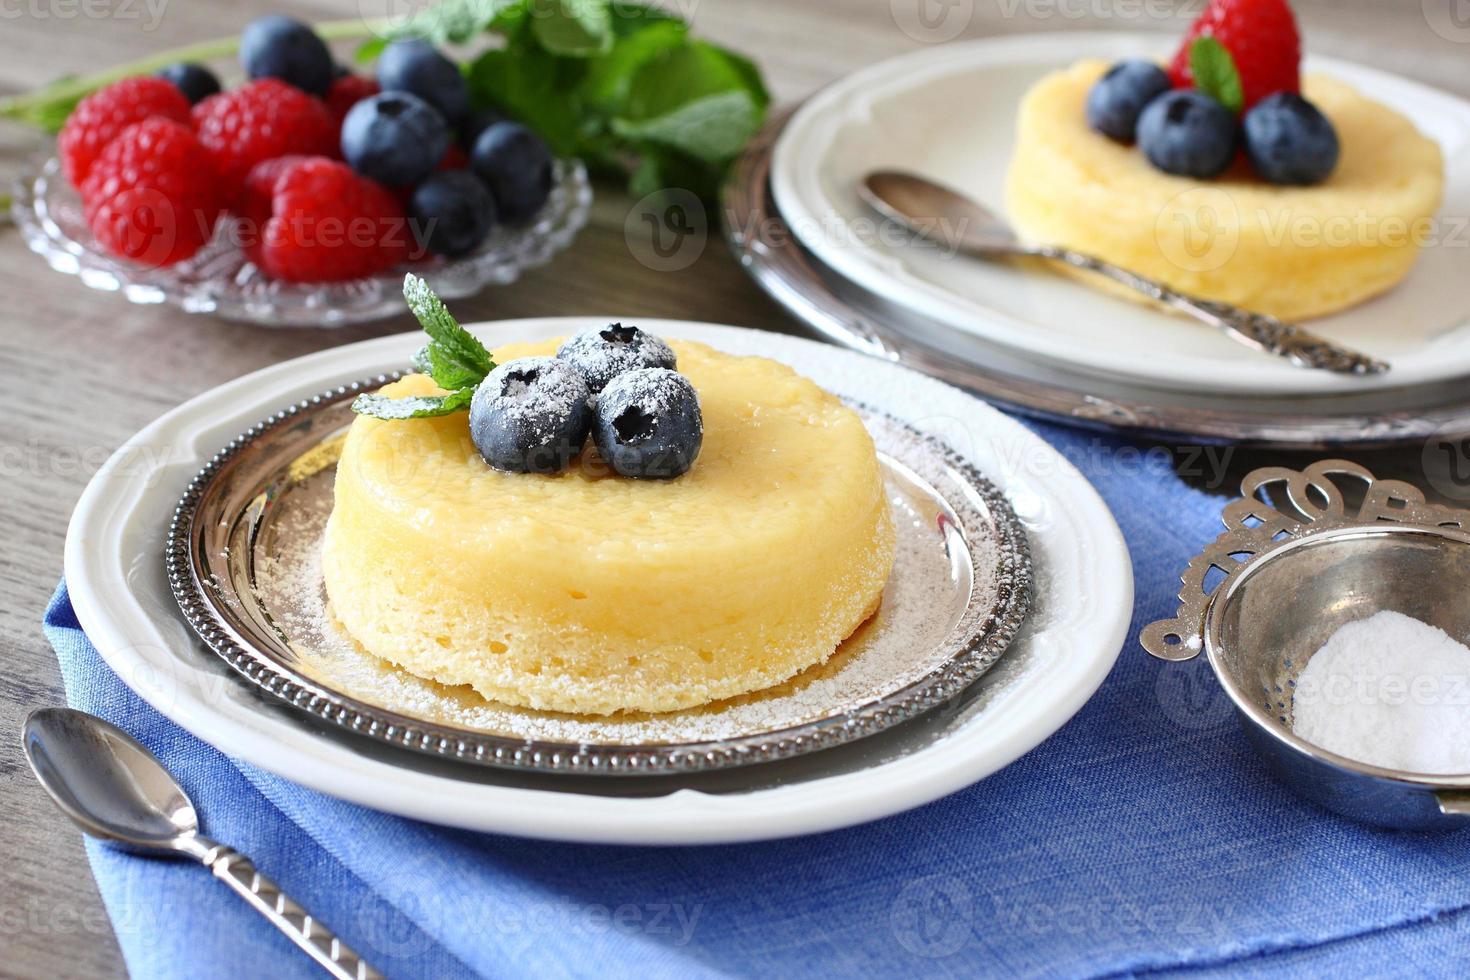 heerlijke citroenpudding cake geserveerd met bessen foto